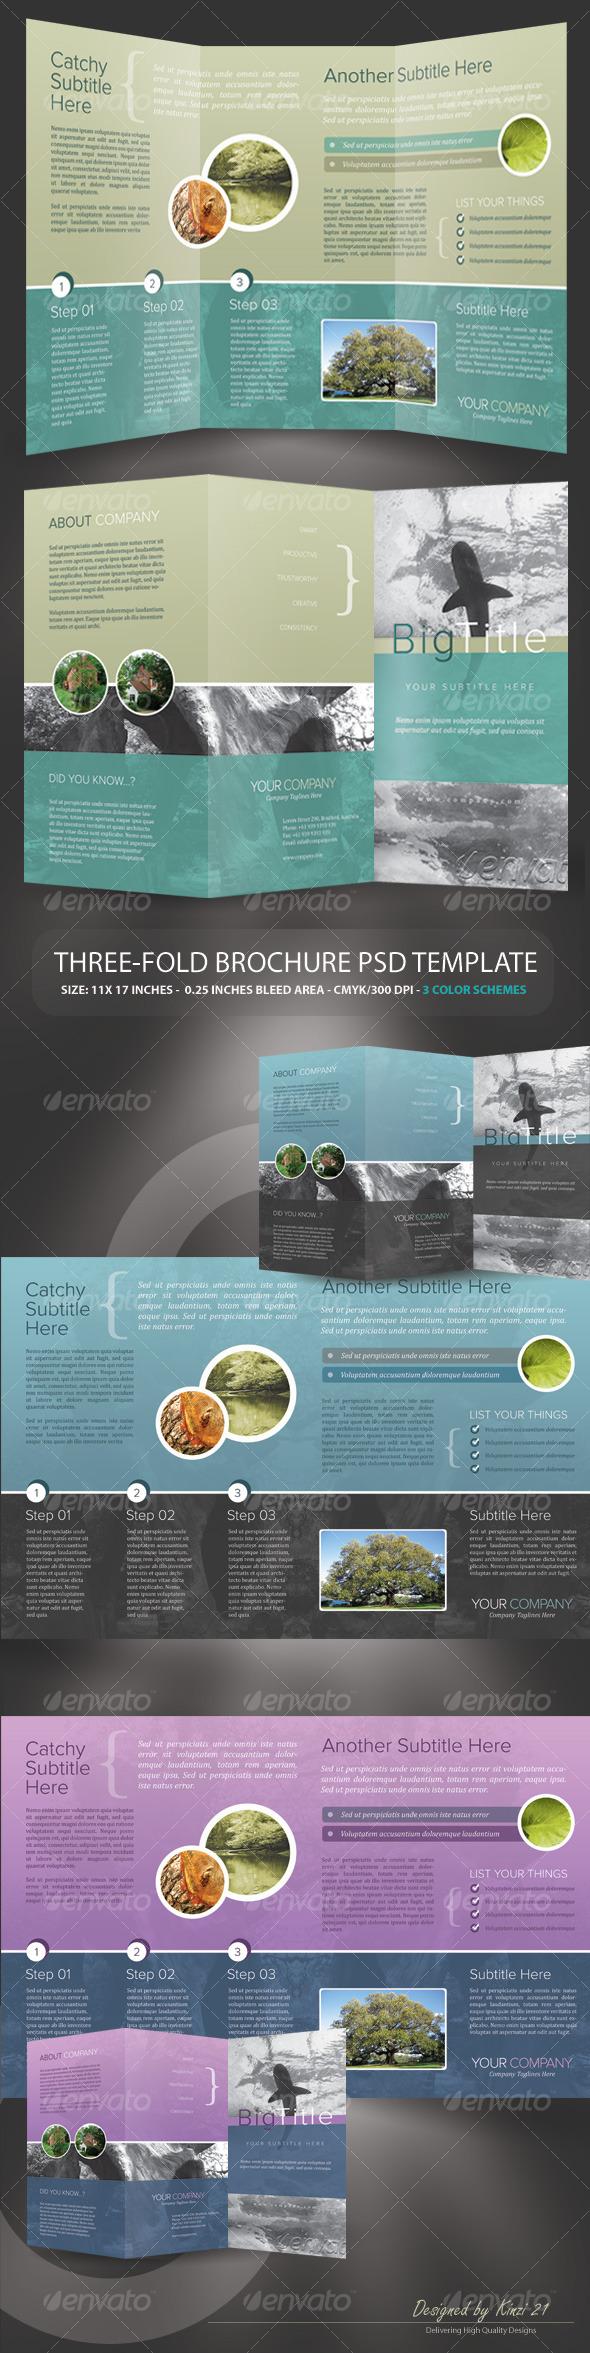 Tri-fold Brochure PSD Template - Corporate Brochures